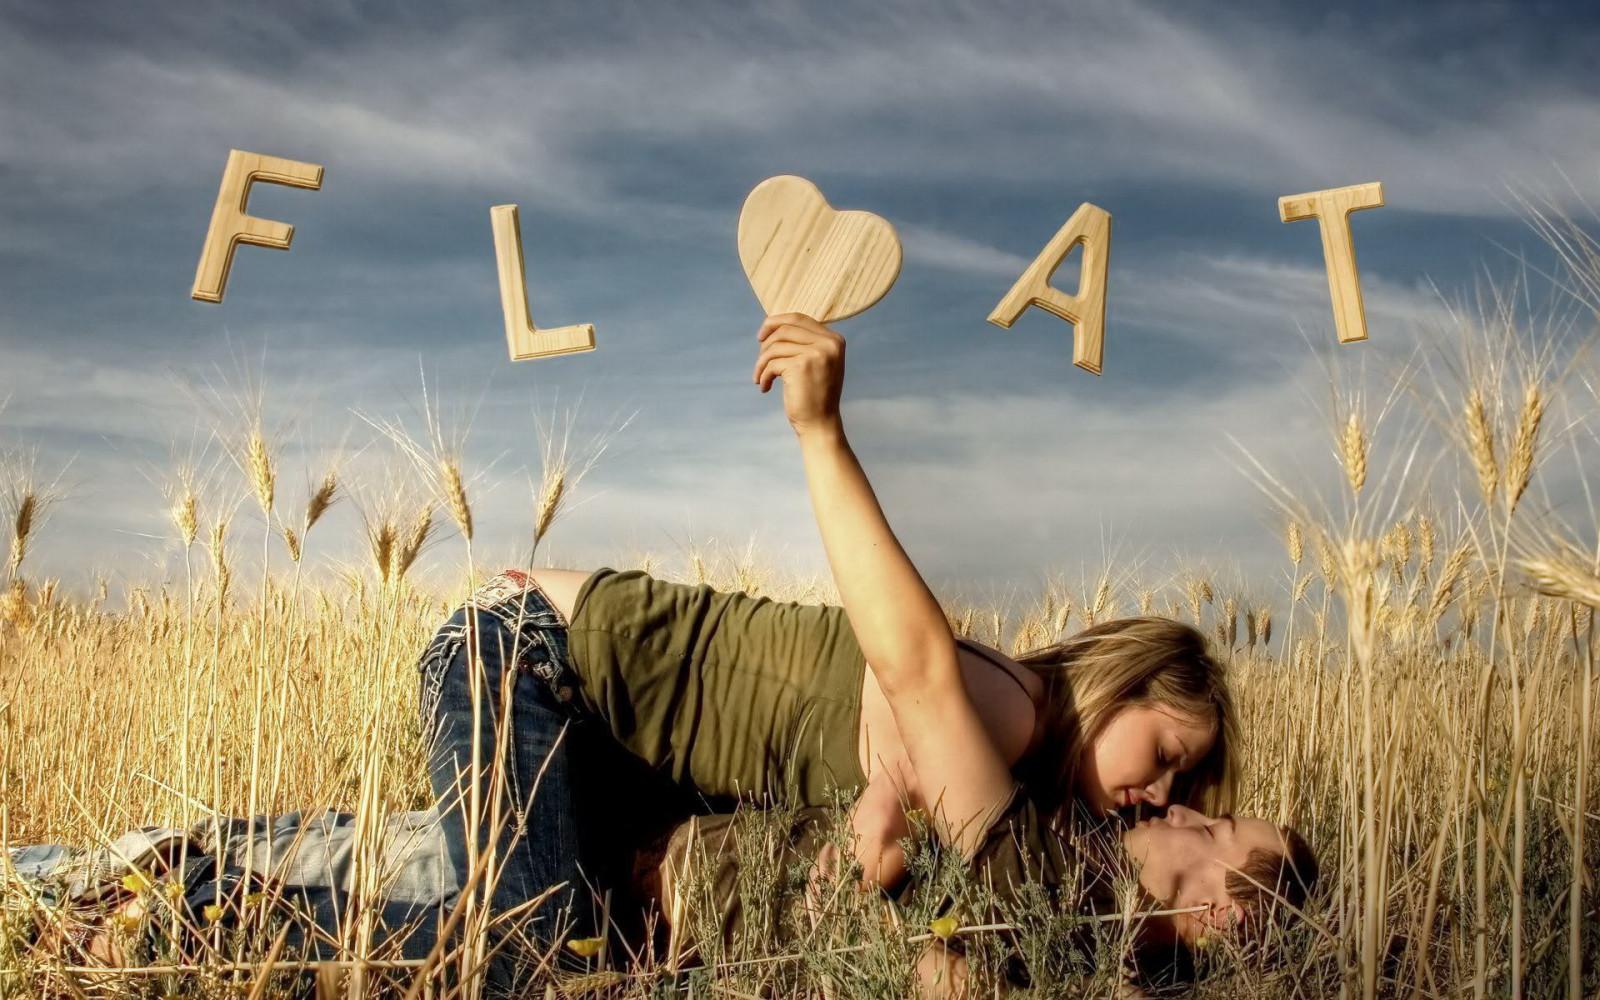 Прикольные картинки парень и девушка с надписями, смешные про